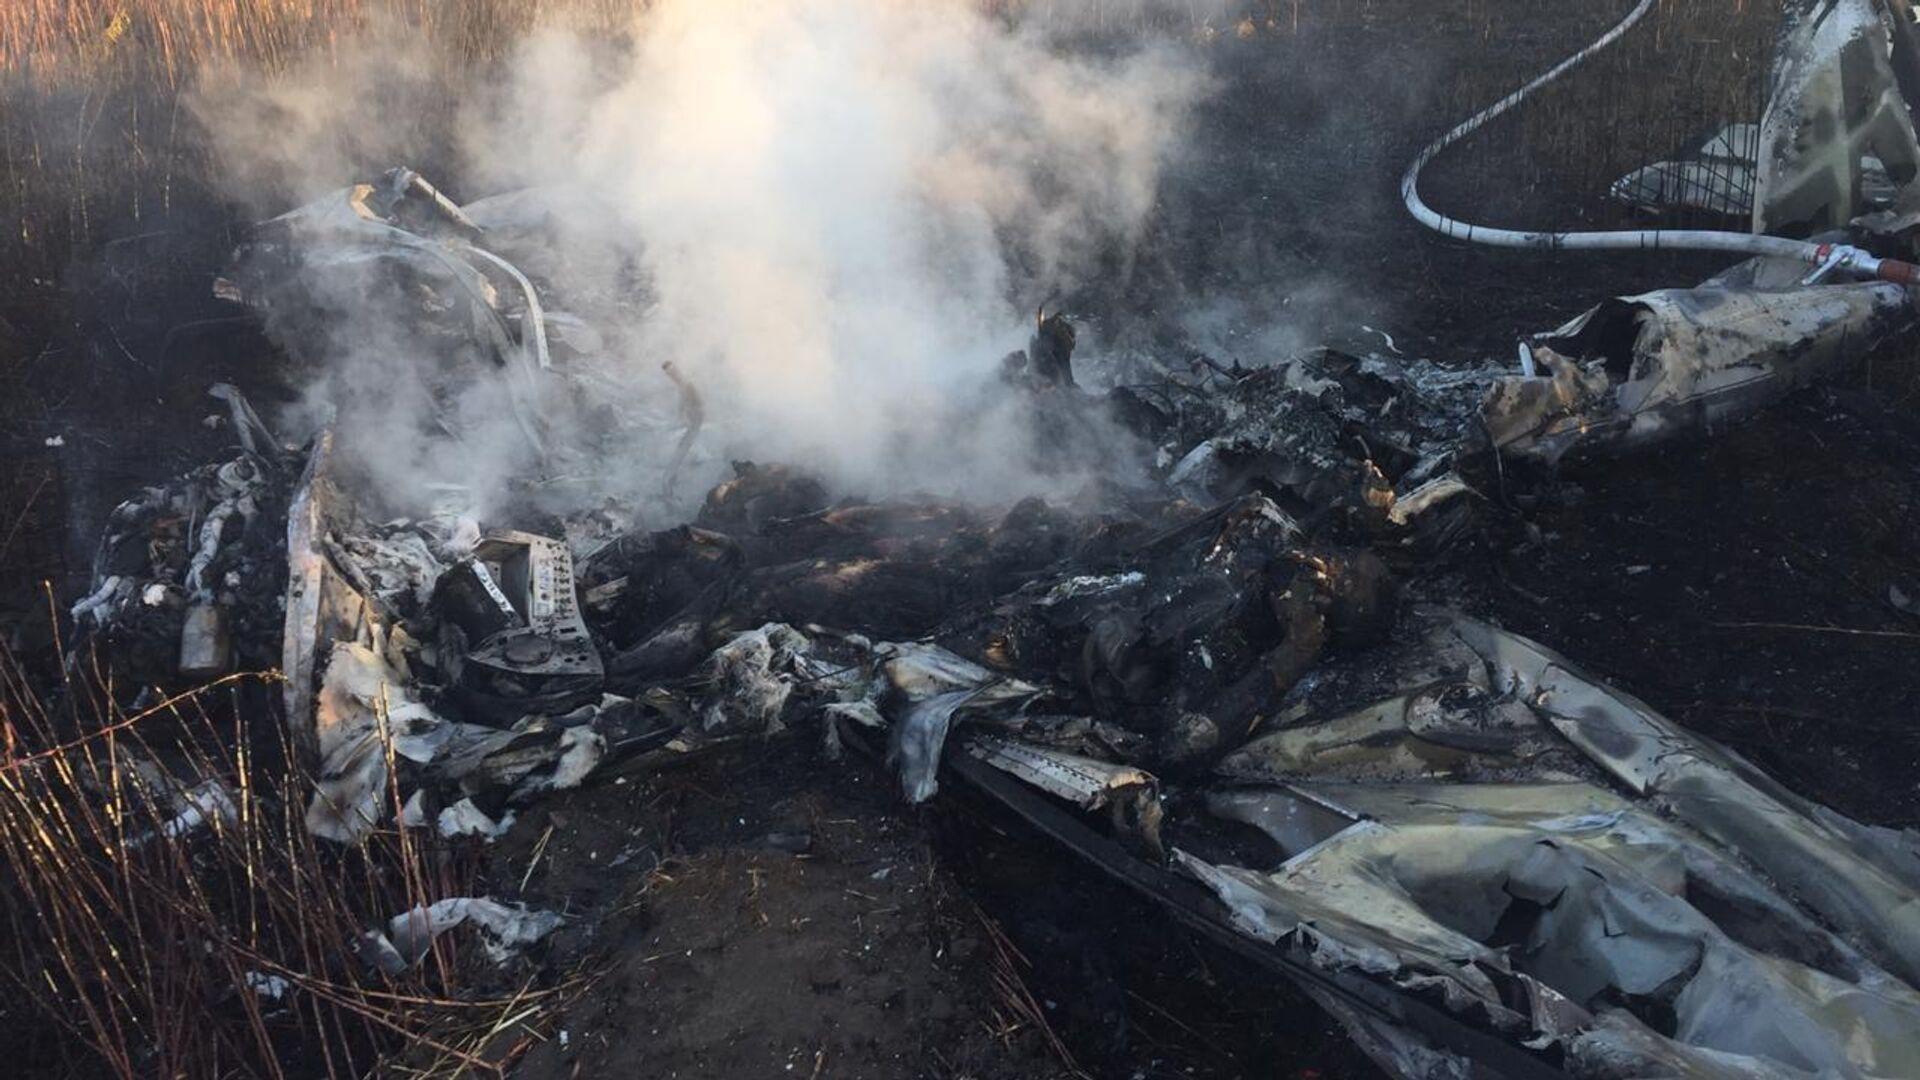 На месте аварийной посадки легкомоторного самолета в городском округе Люберцы - РИА Новости, 1920, 07.11.2020